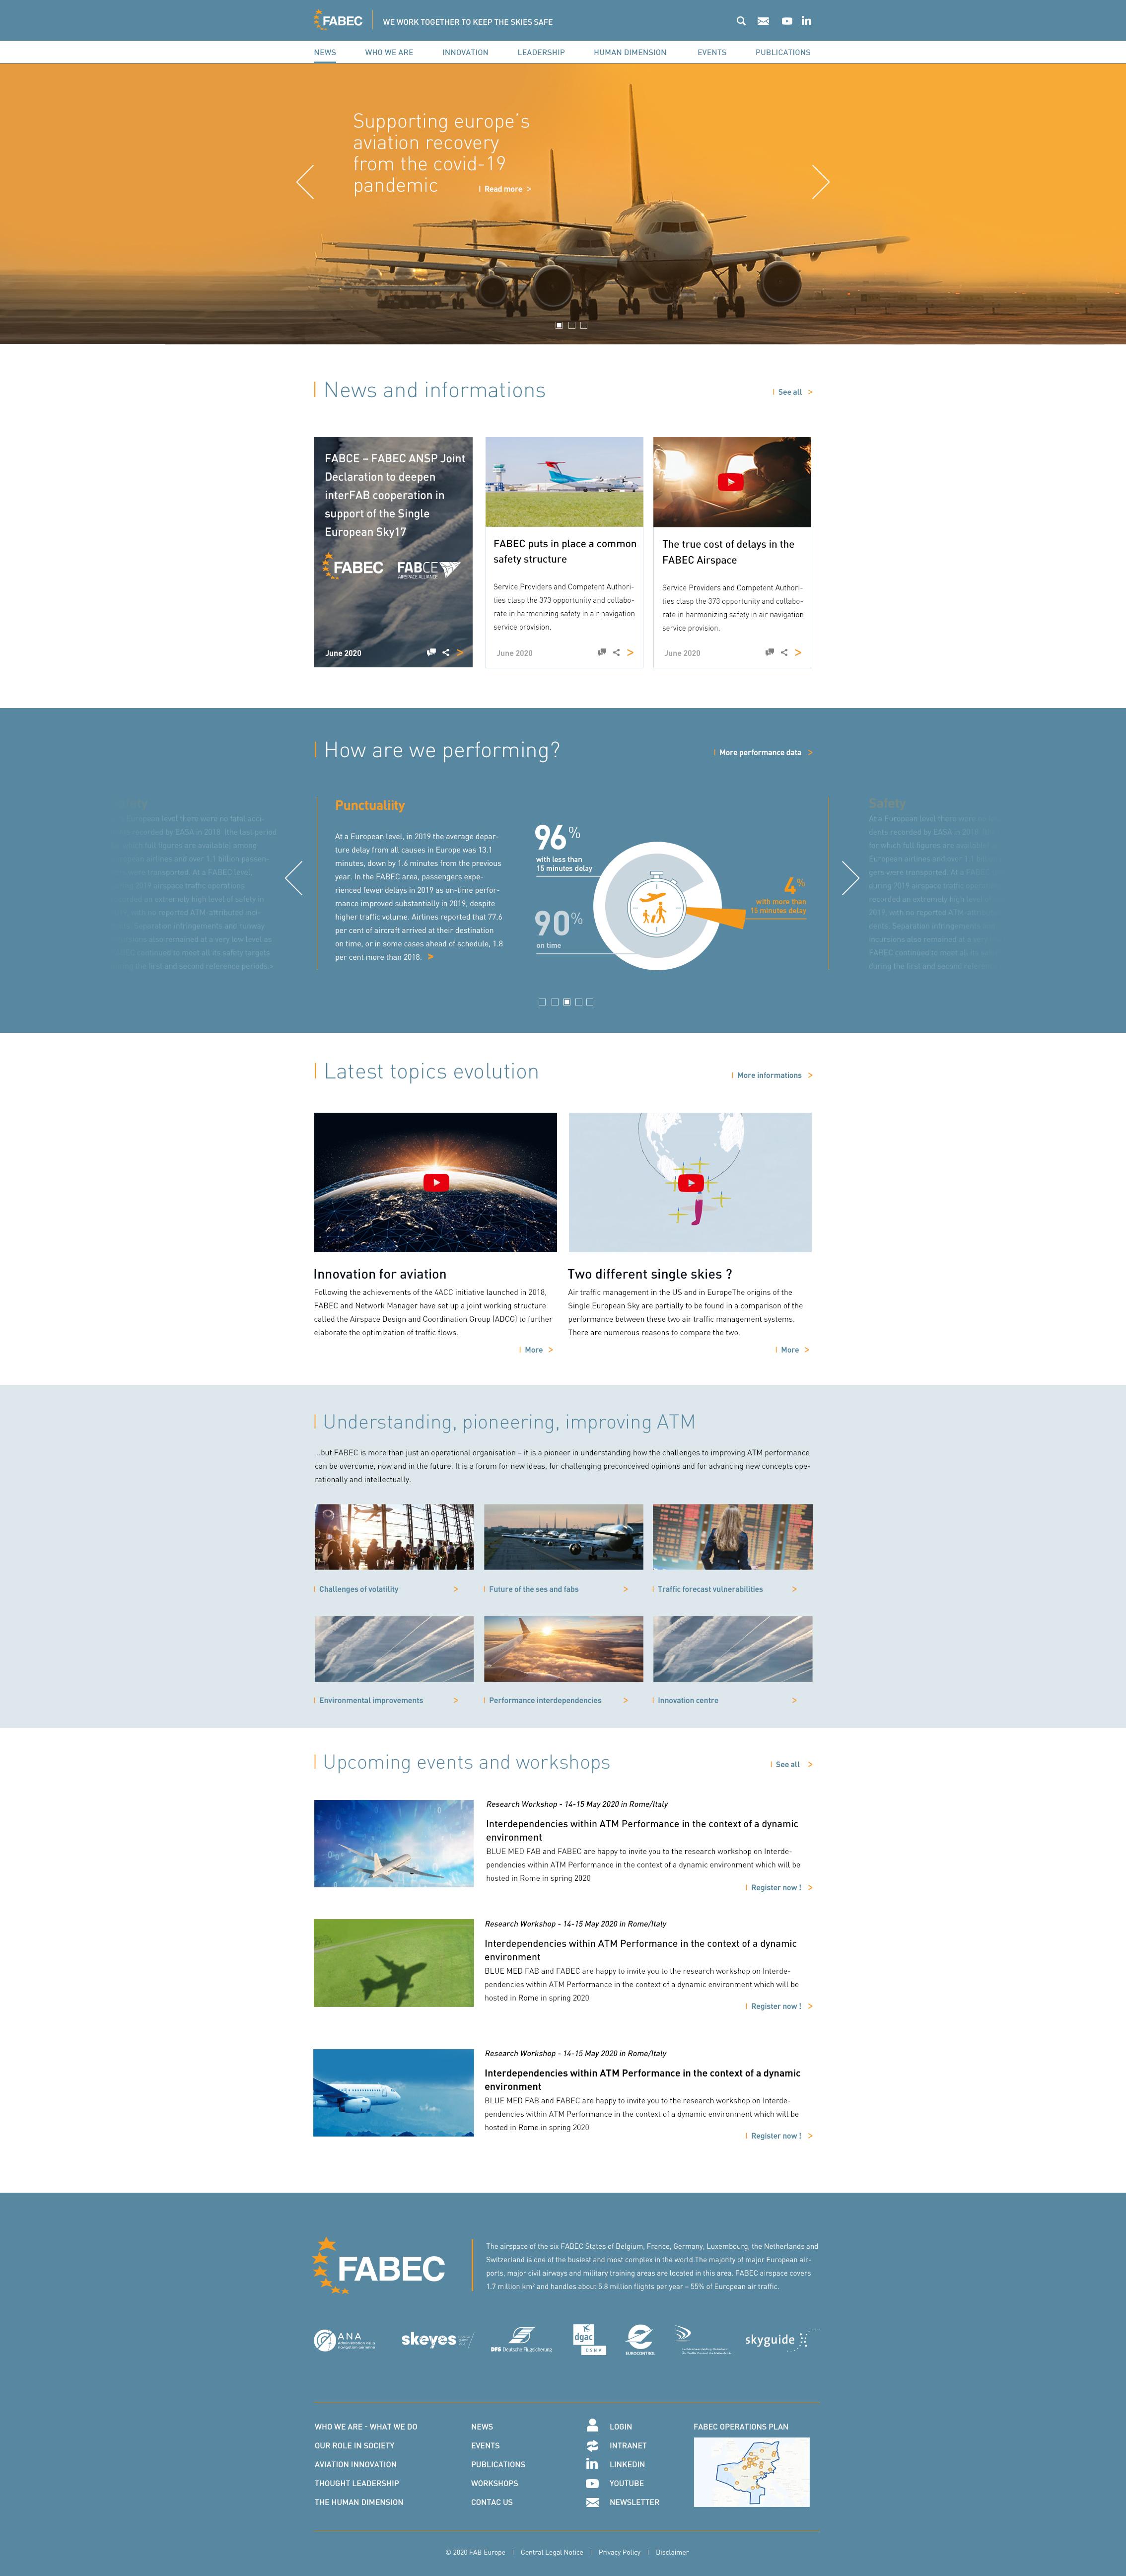 Fabec-design-v2-topnews.png